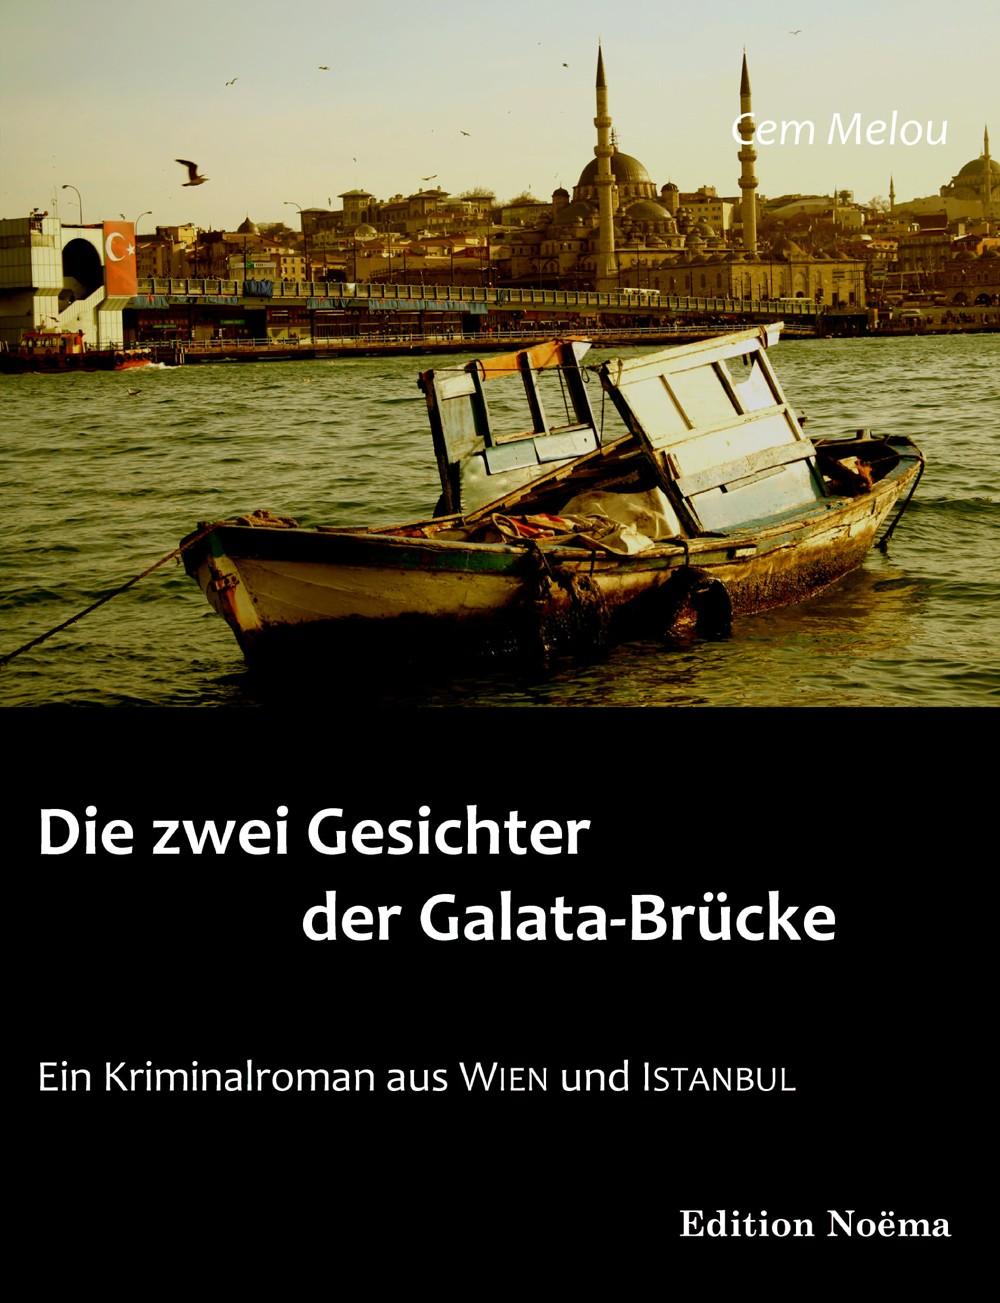 Die zwei Gesichter der Galata-Brücke